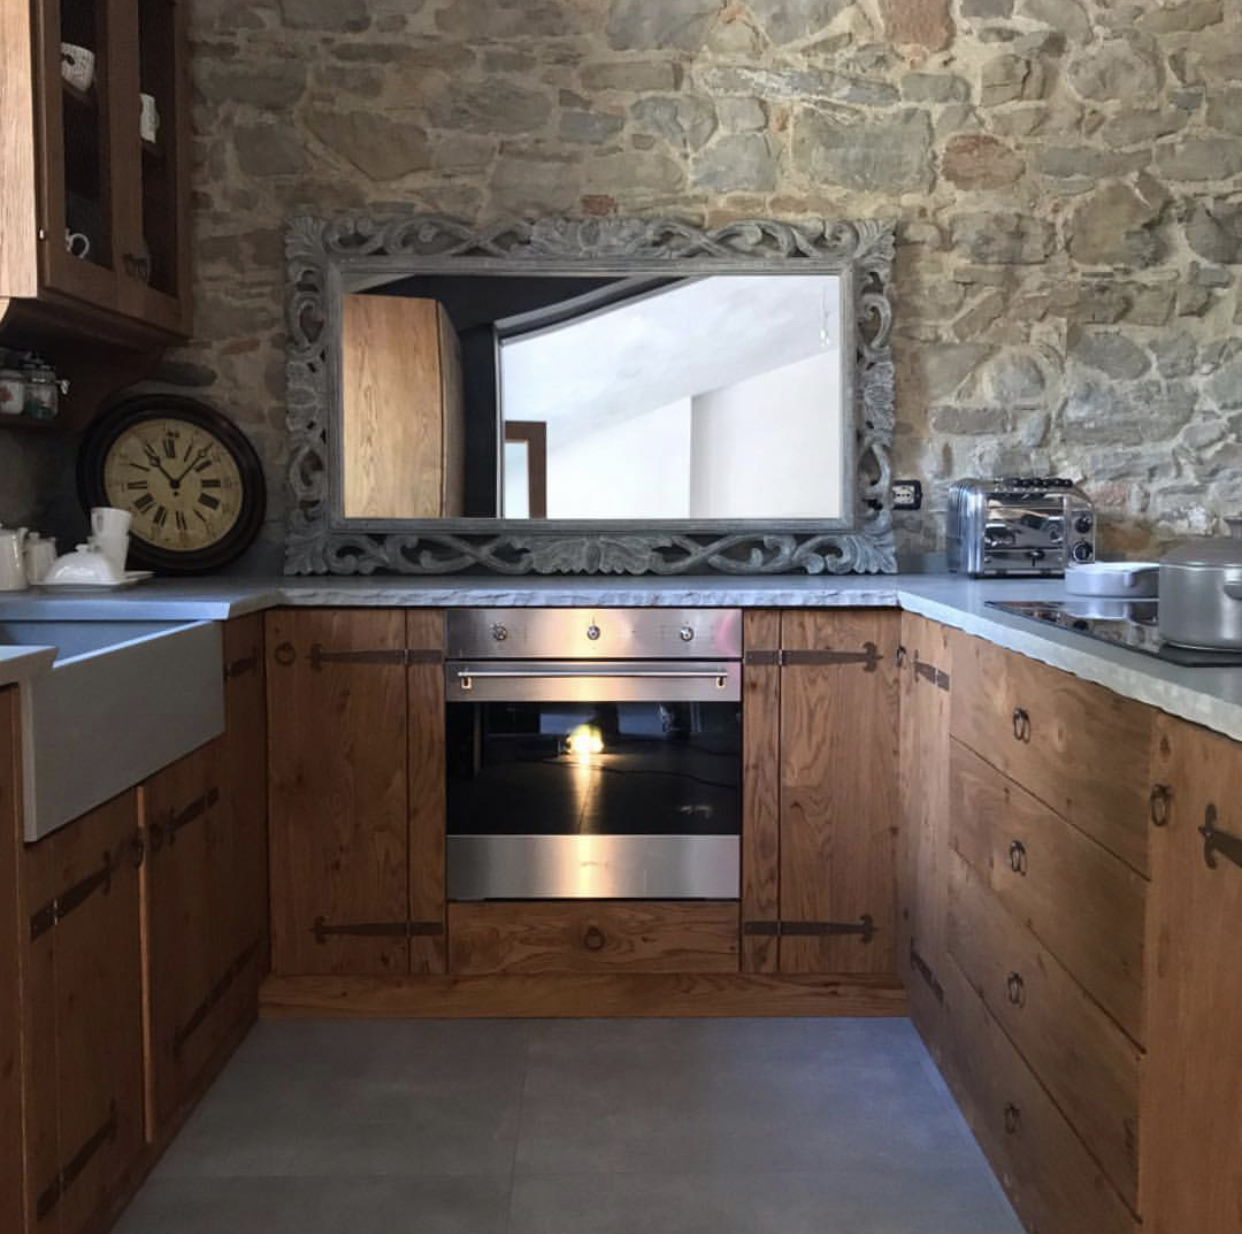 cucina-antica-rustica-smeg-forno-top-pia